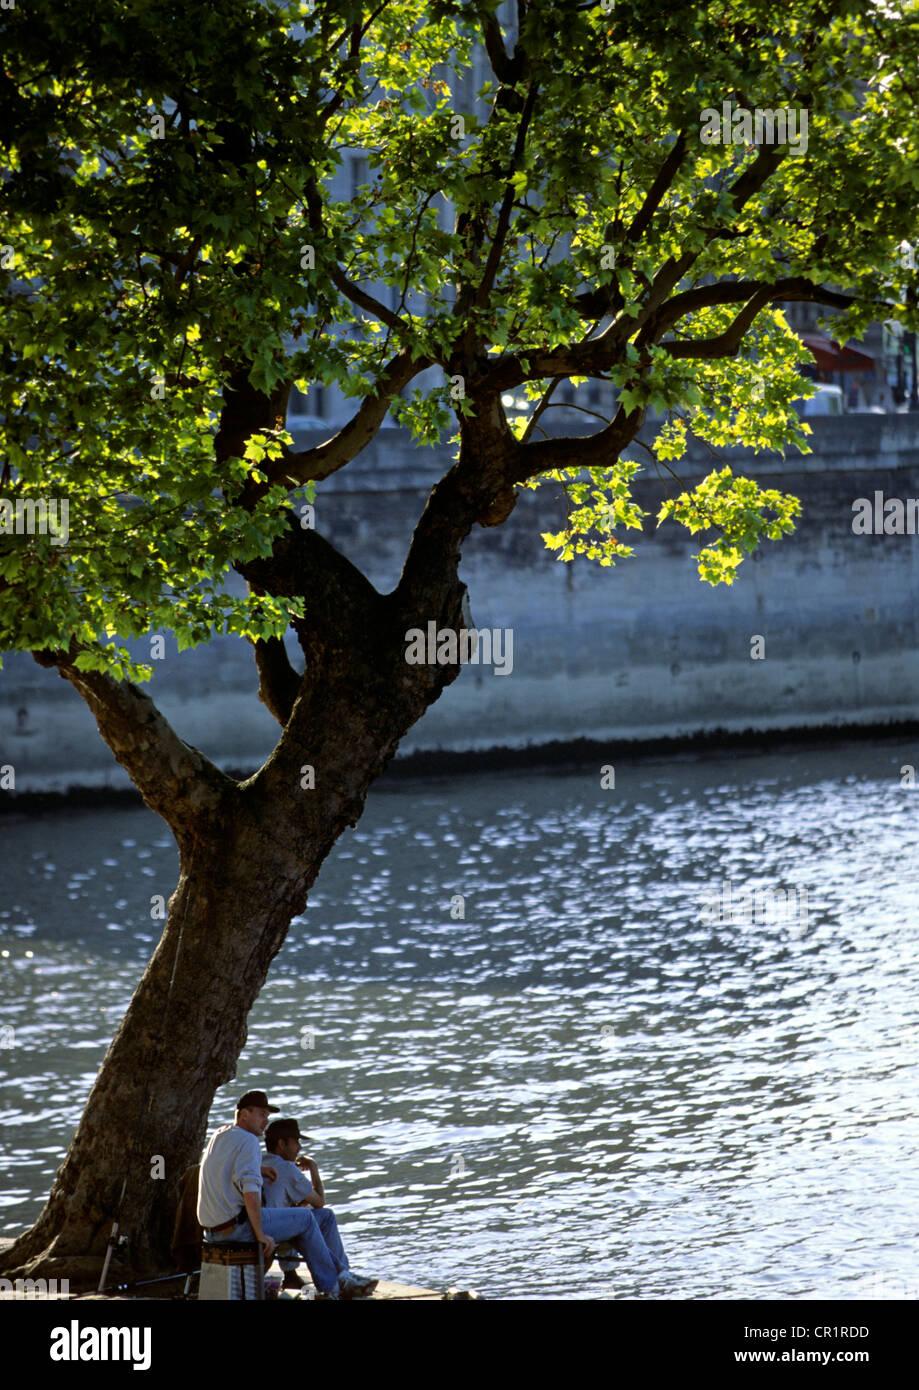 France, Paris, Ile St Louis, fishermen - Stock Image